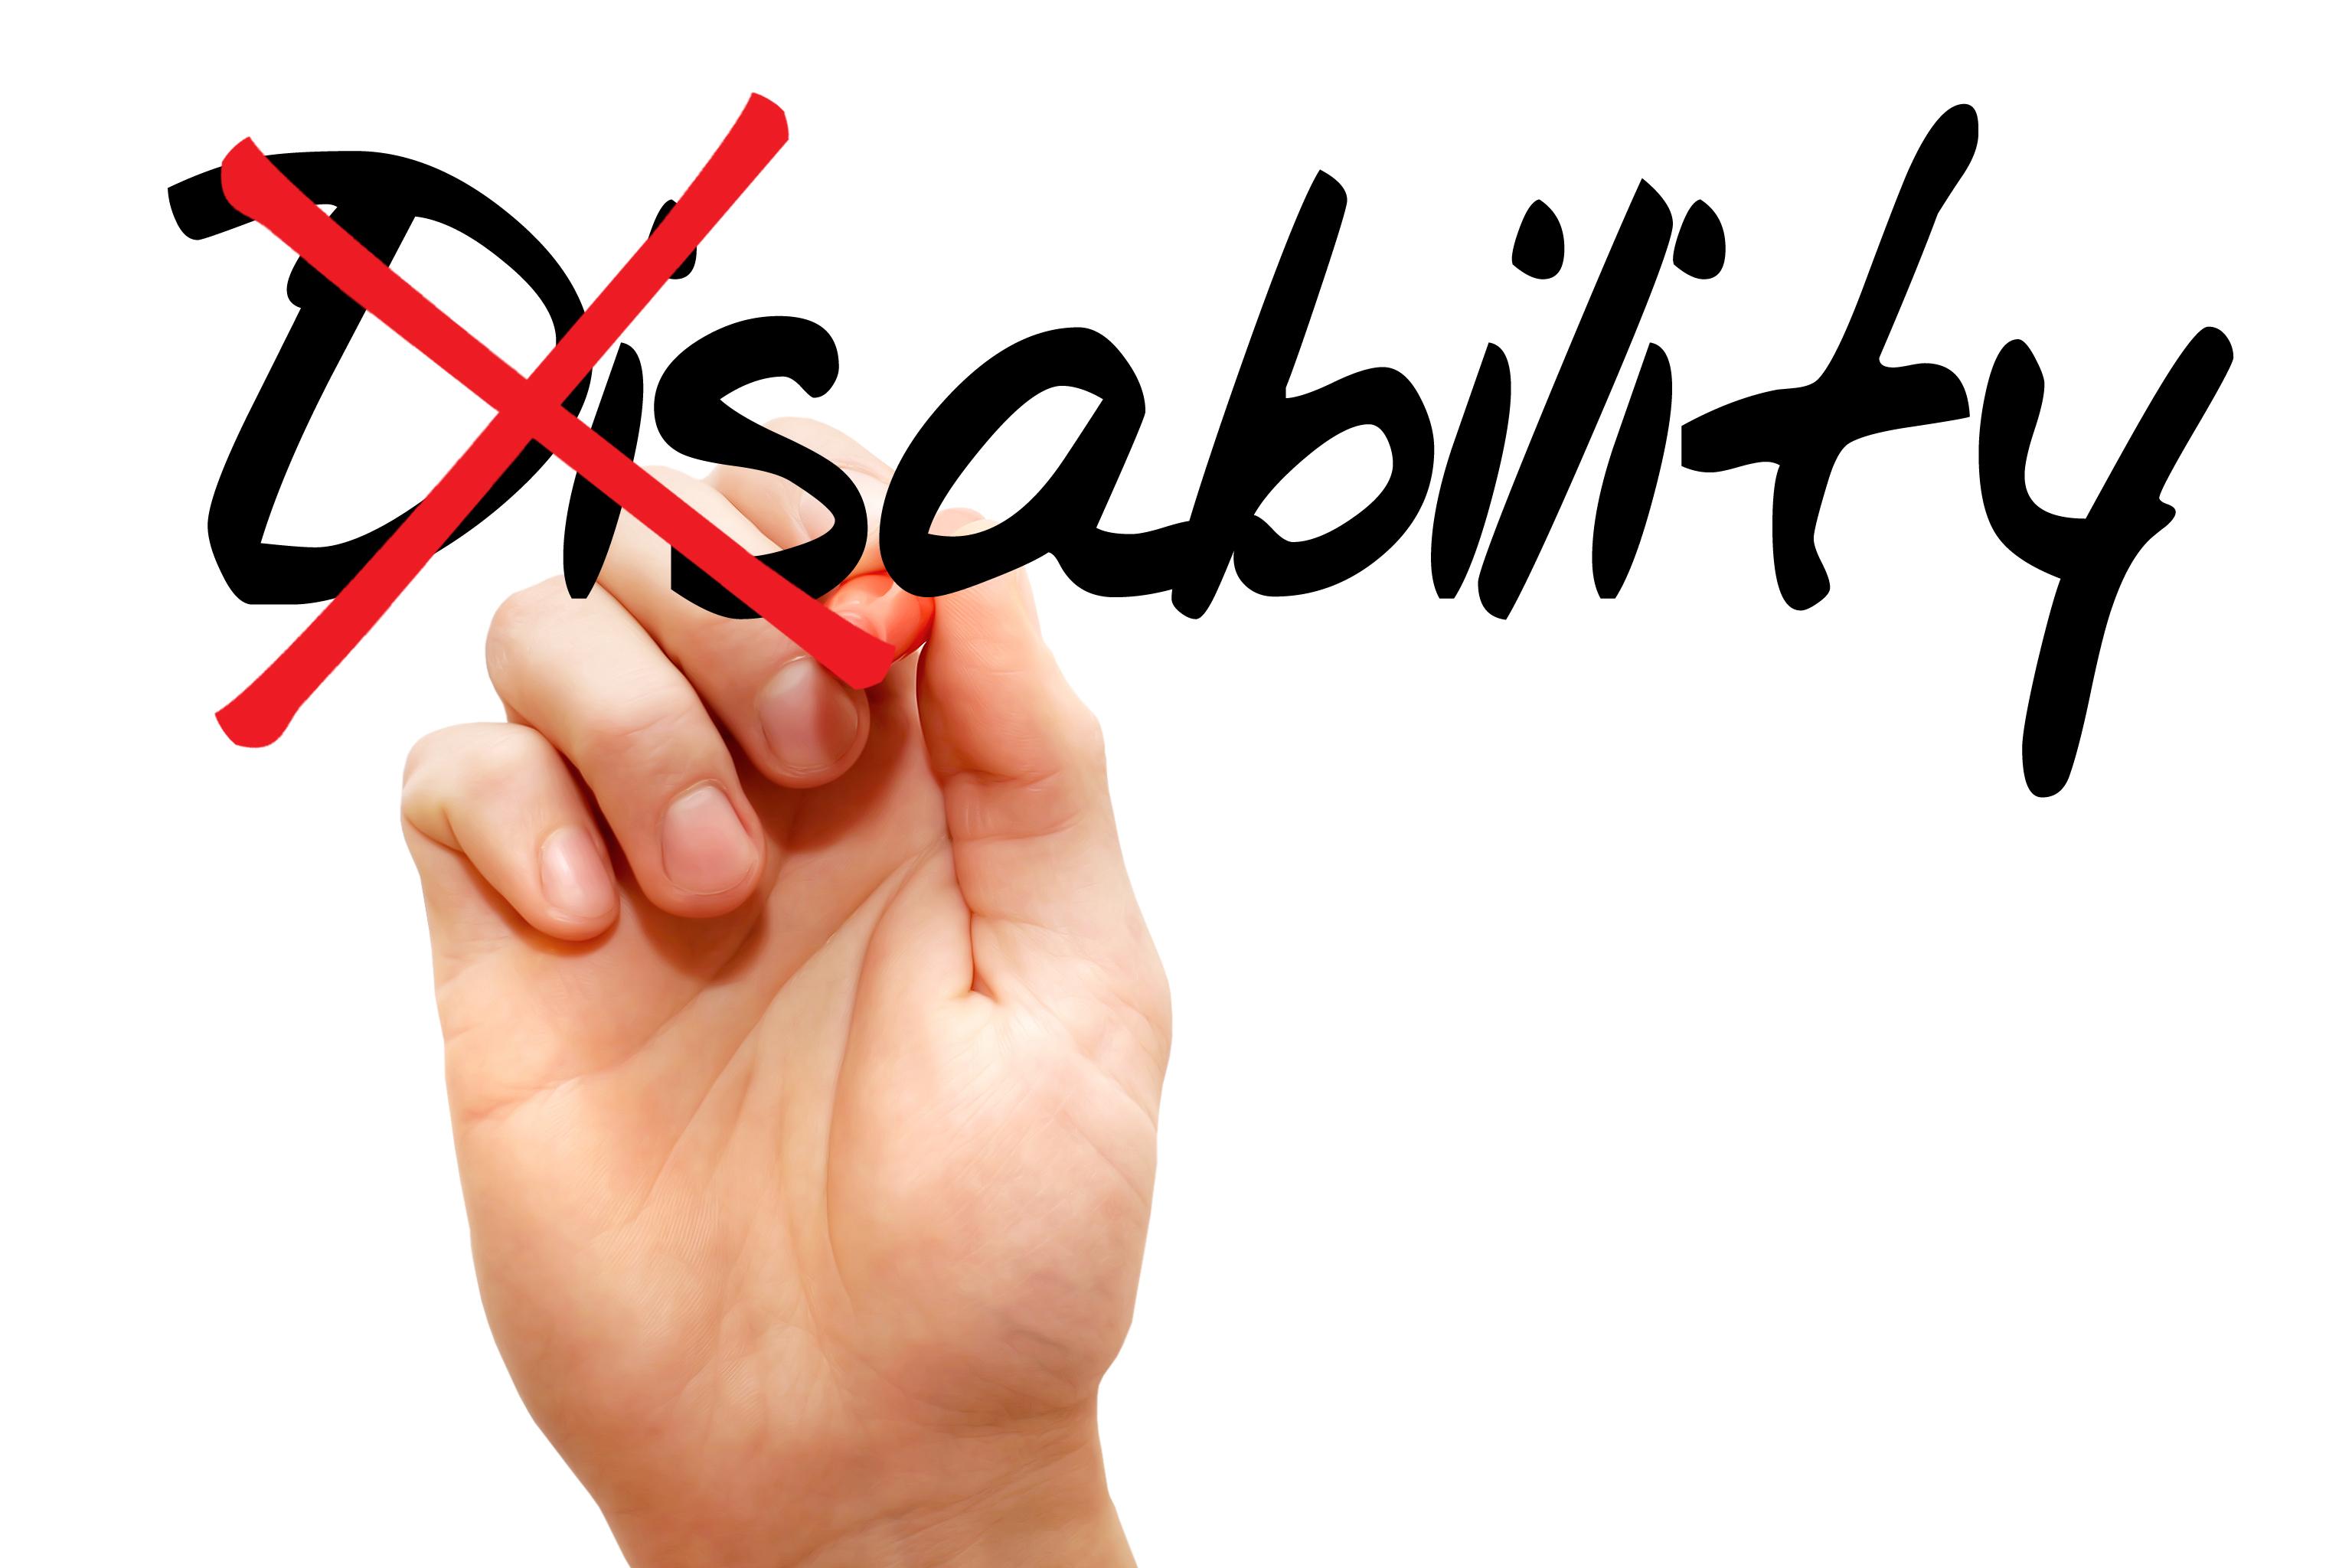 """""""Disabili"""" o """"diversamente abili"""": cos'è meglio usare?"""